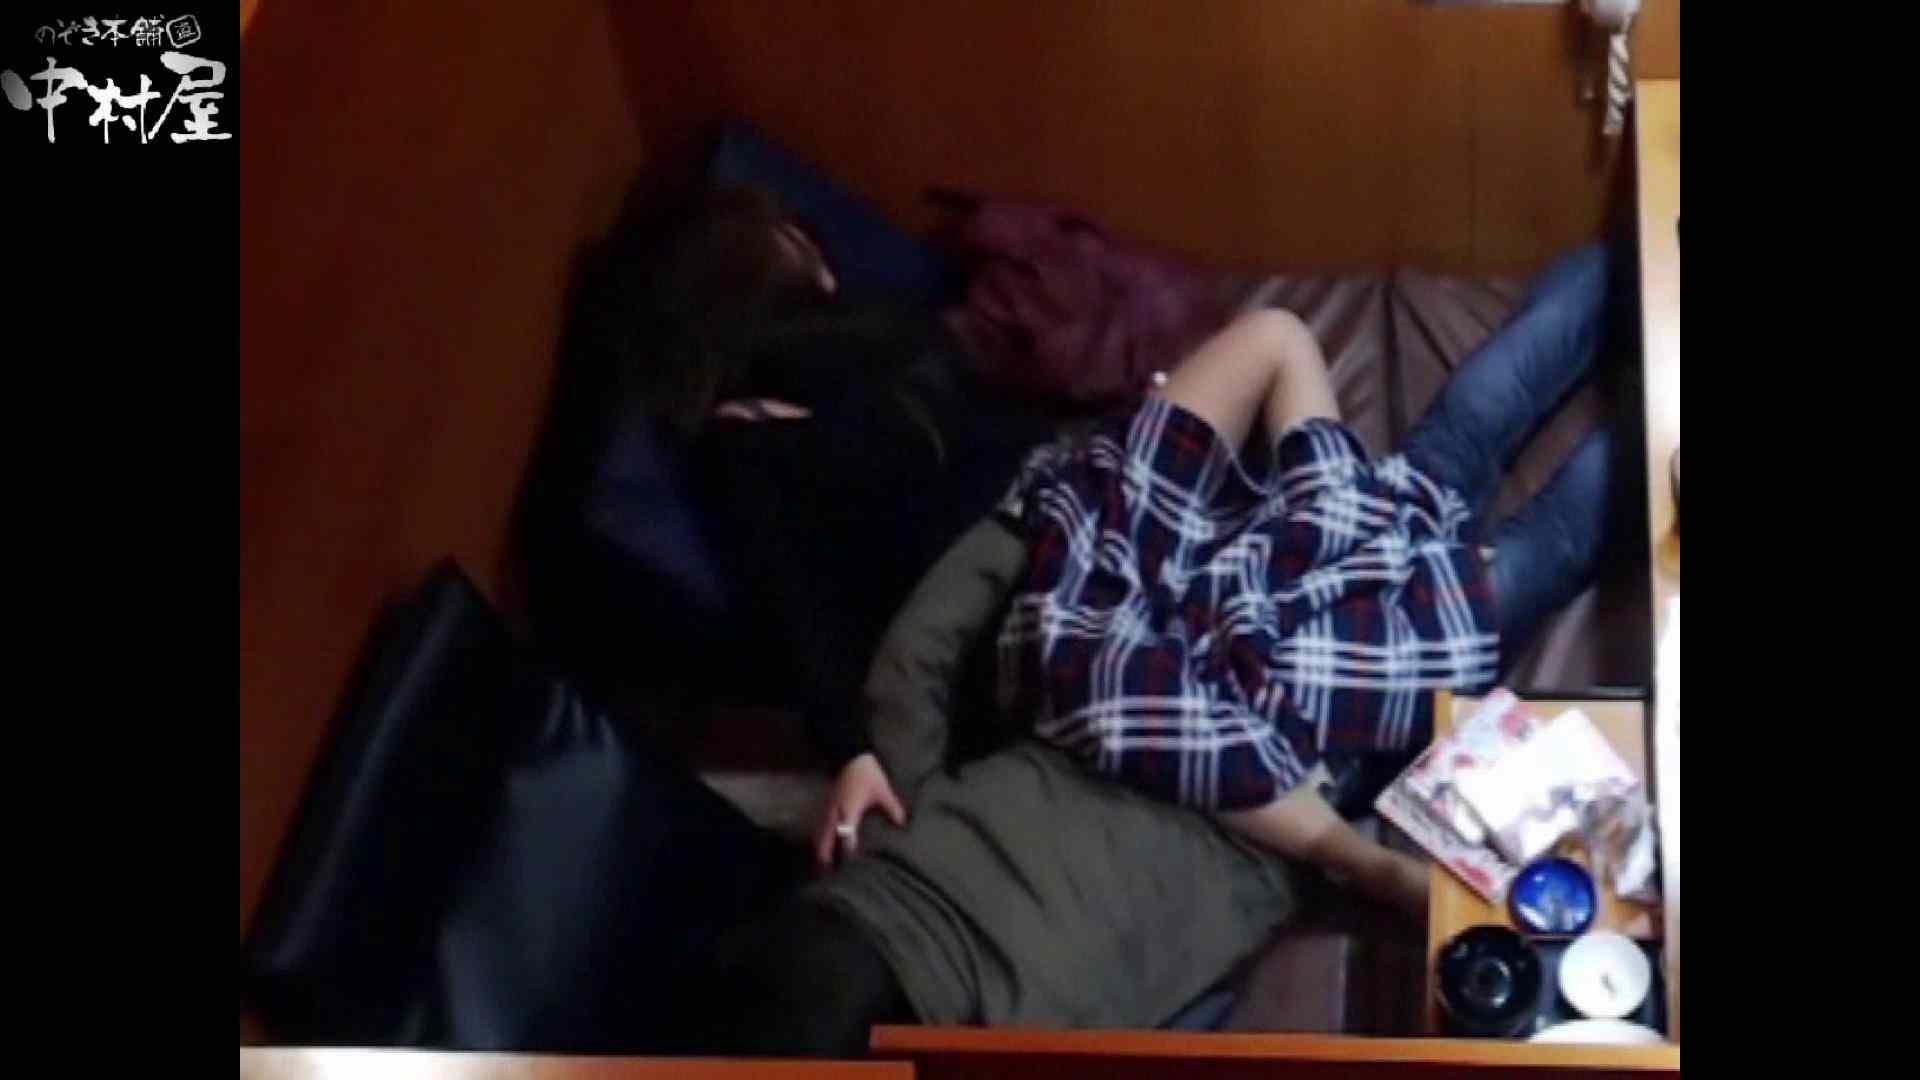 ネットカフェ盗撮師トロントさんの 素人カップル盗撮記vol.4 喘ぎ ワレメ無修正動画無料 102連発 30